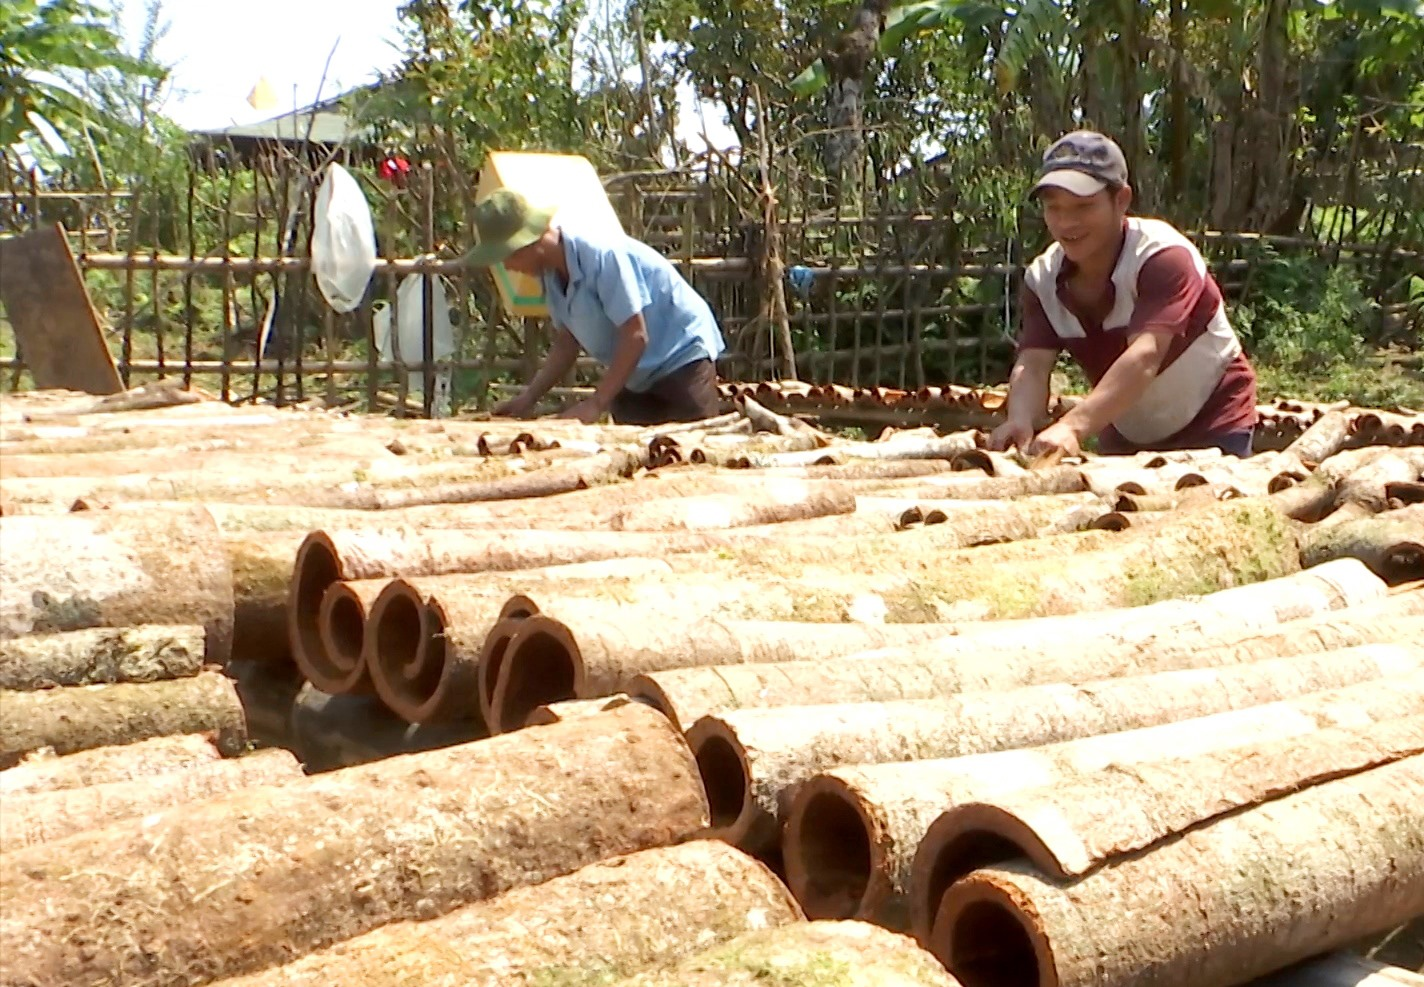 Từ việc mở rộng phát triển các cơ sở sản xuất nông nghiệp, huyện Nam Trà My đã tạo cơ hội việc làm cho lao động tại chỗ. Ảnh: Đ.N